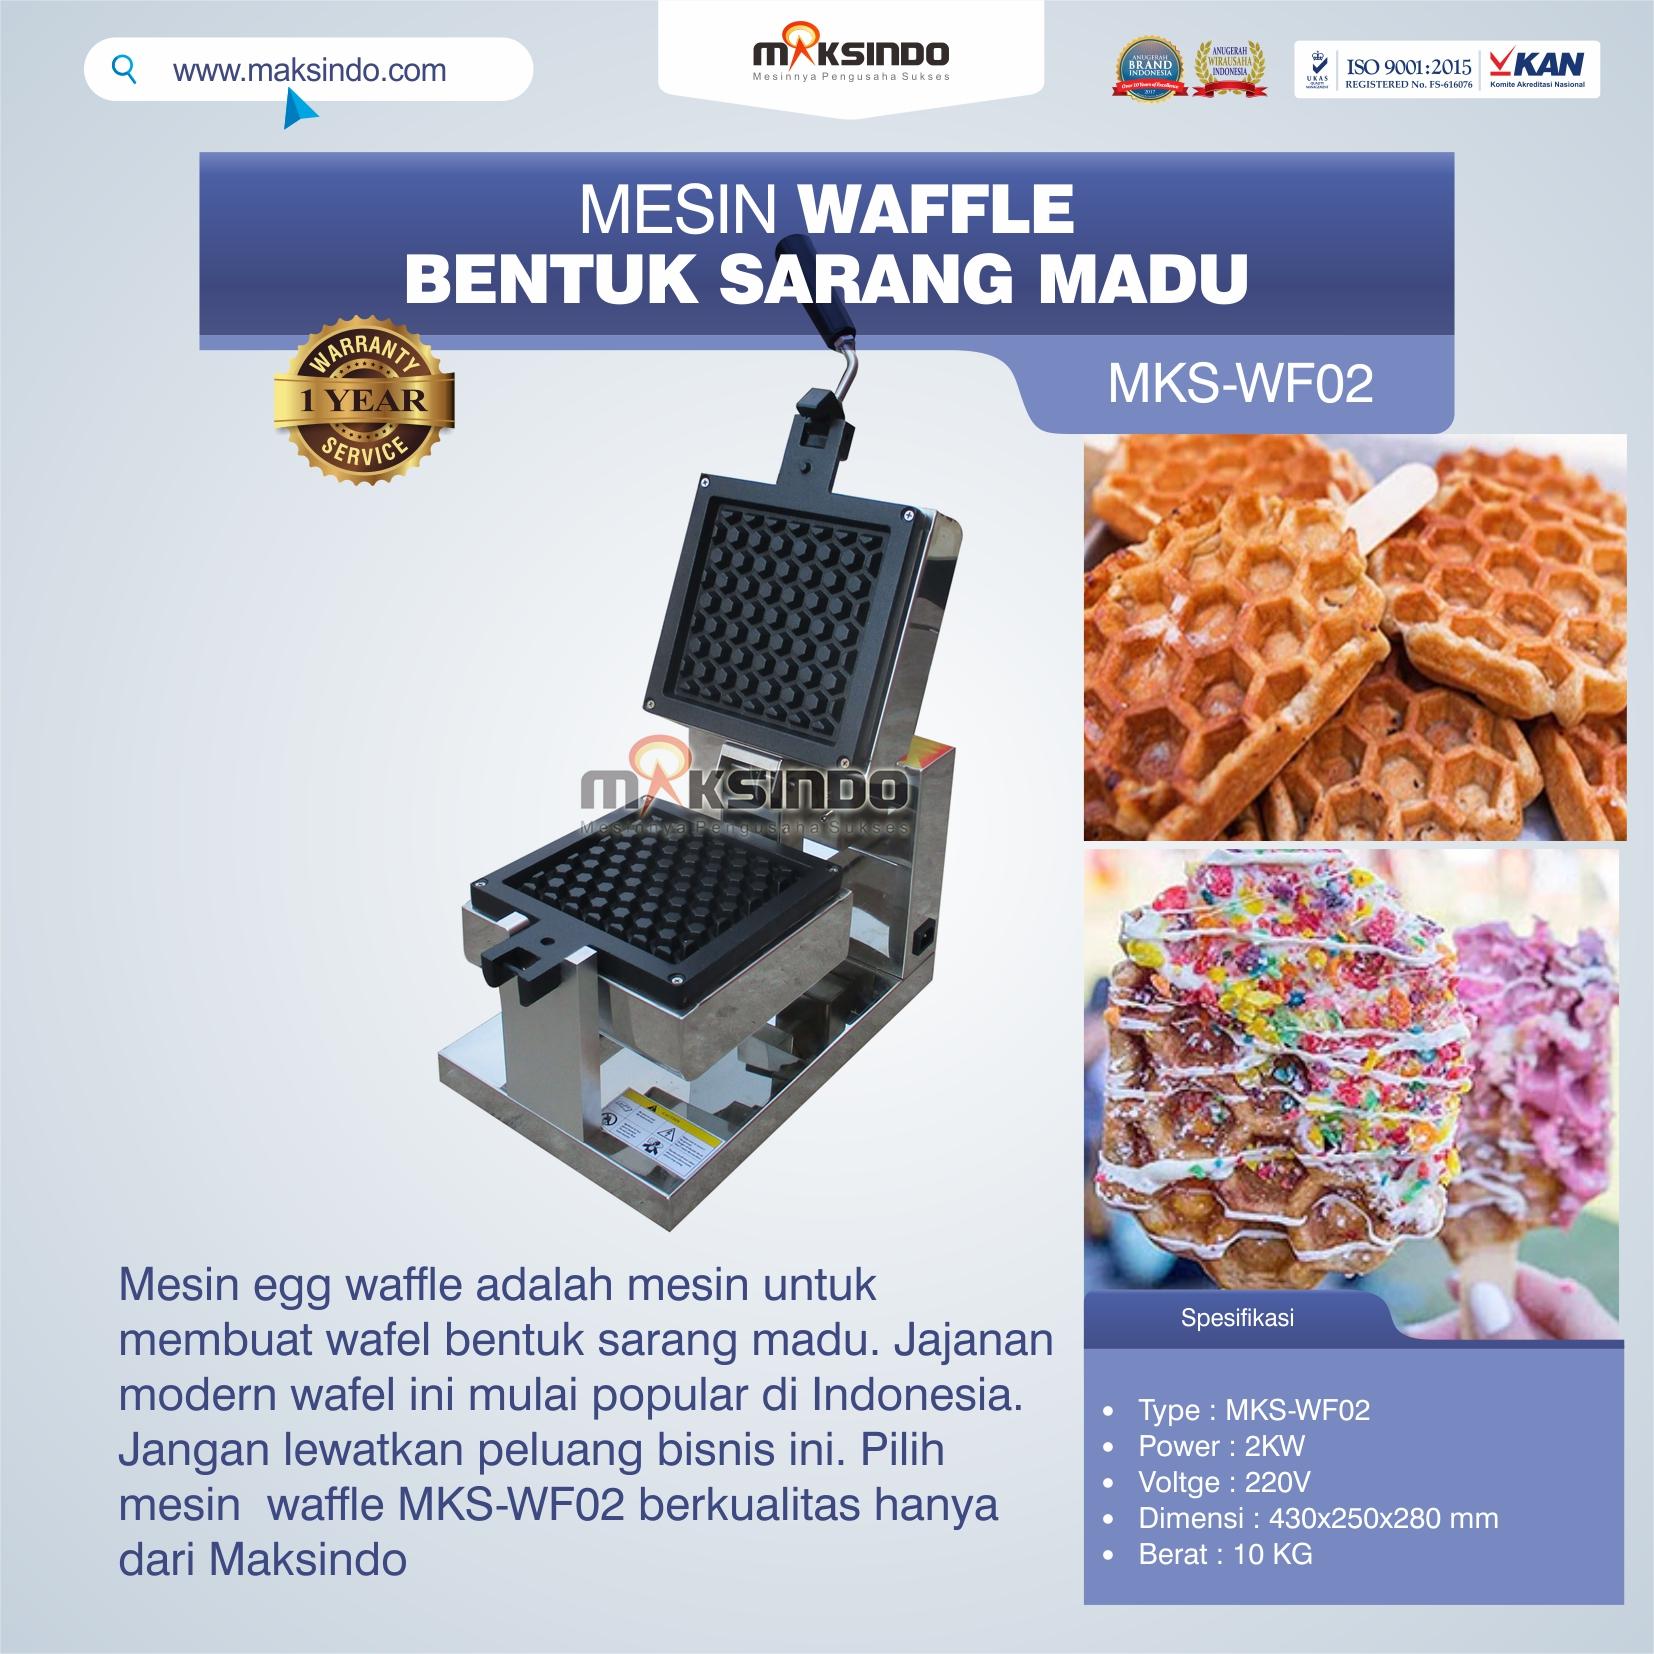 Jual Mesin Waffle Bentuk Sarang Madu MKS-WF02 di Semarang